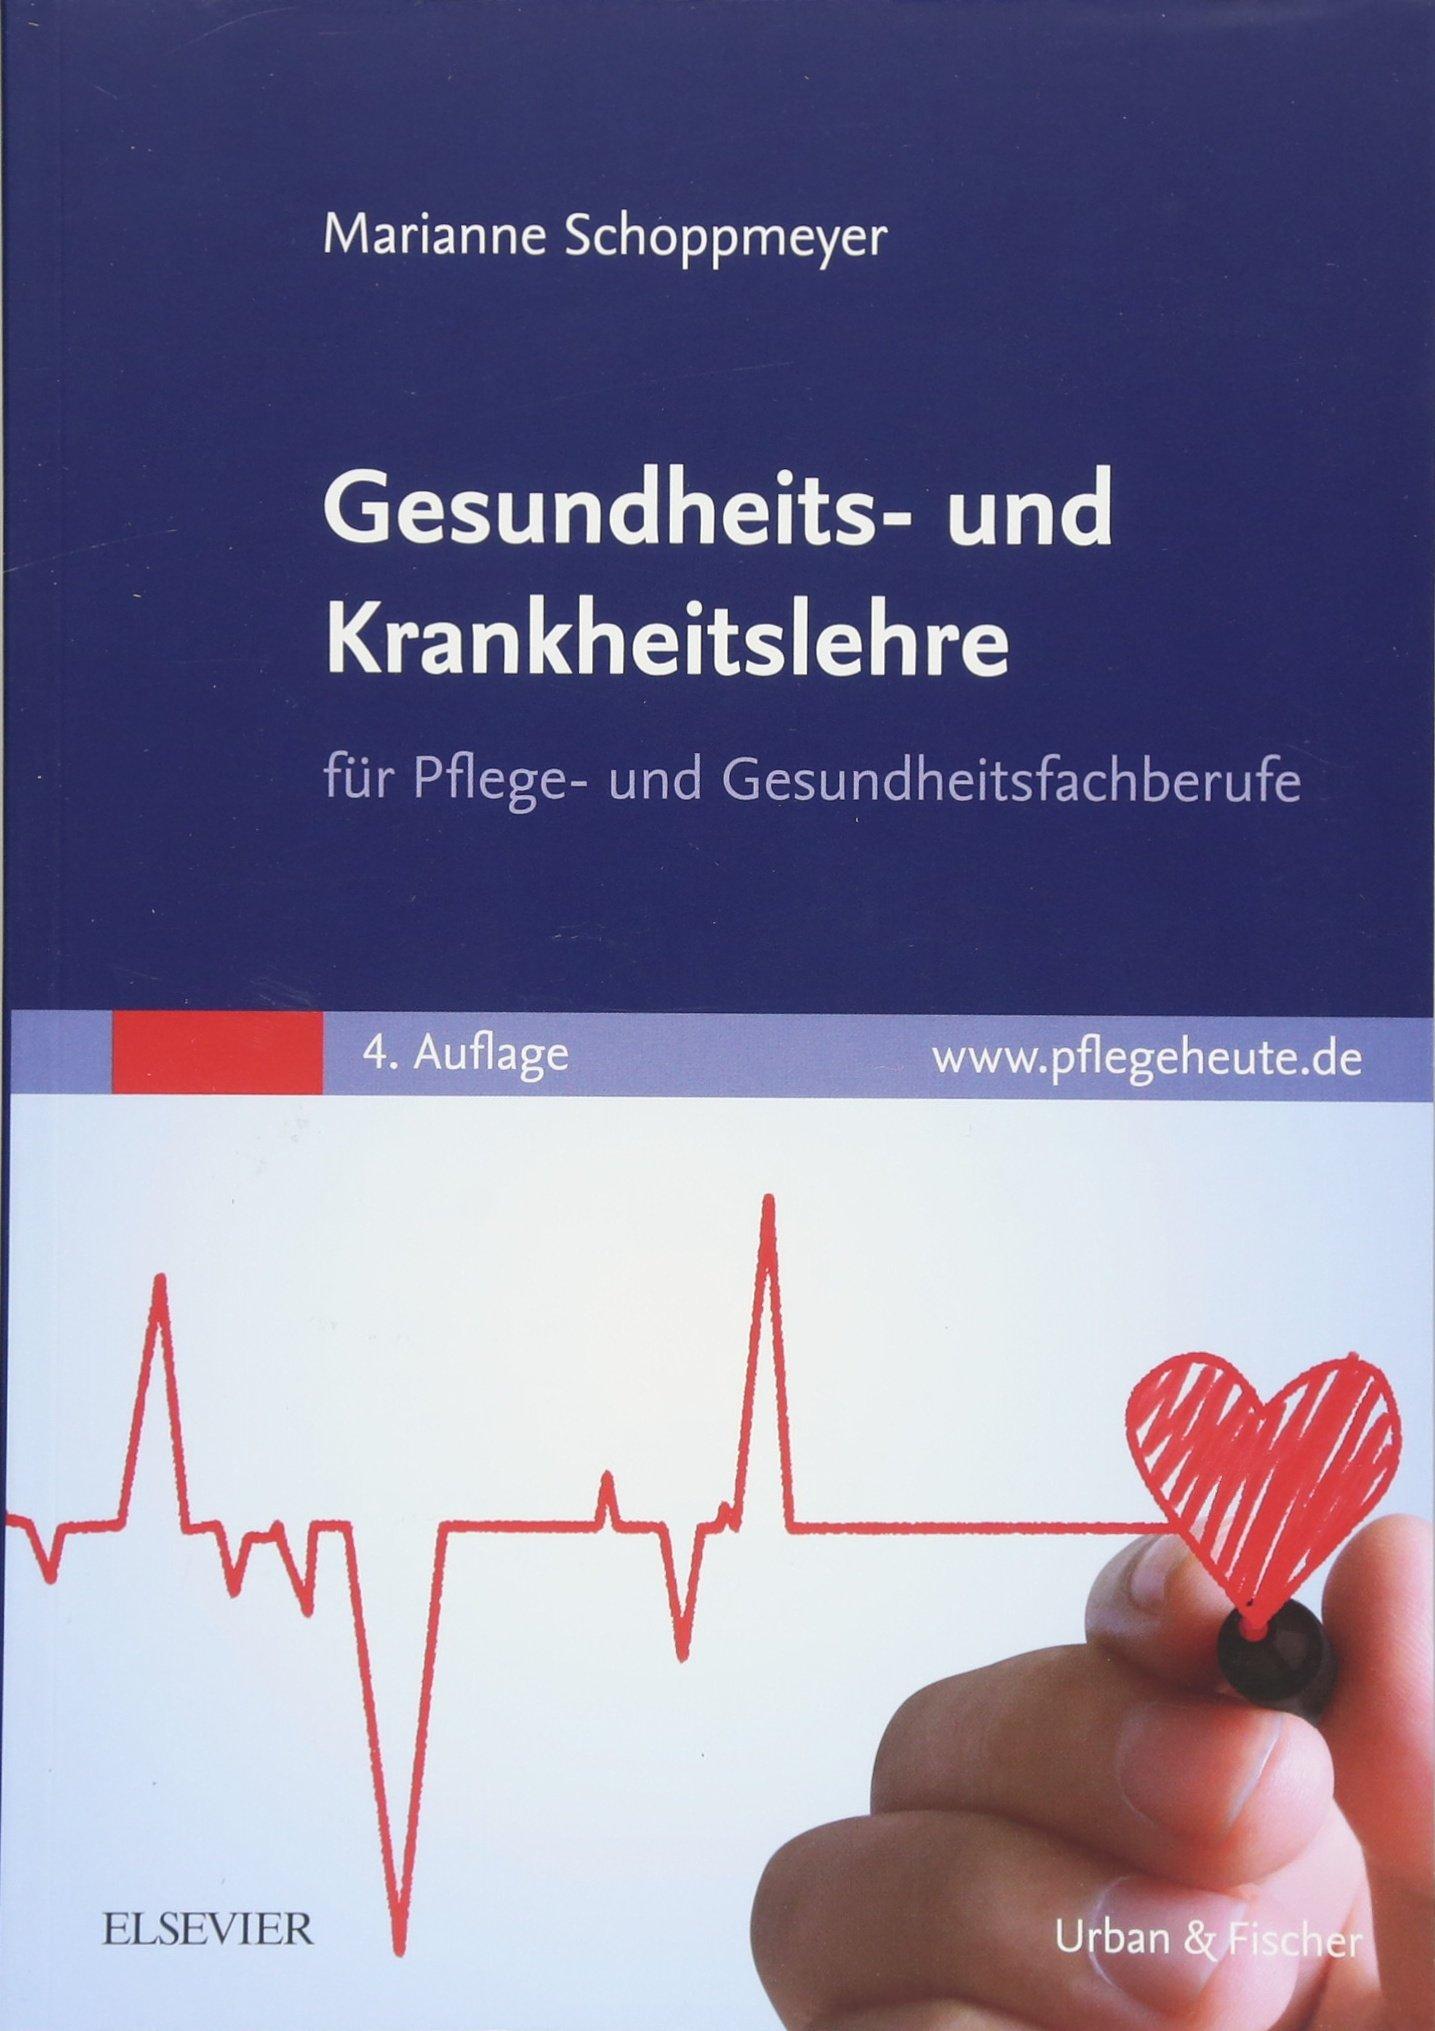 gesundheits-und-krankheitslehre-fr-pflege-und-gesundheitsfachberufe